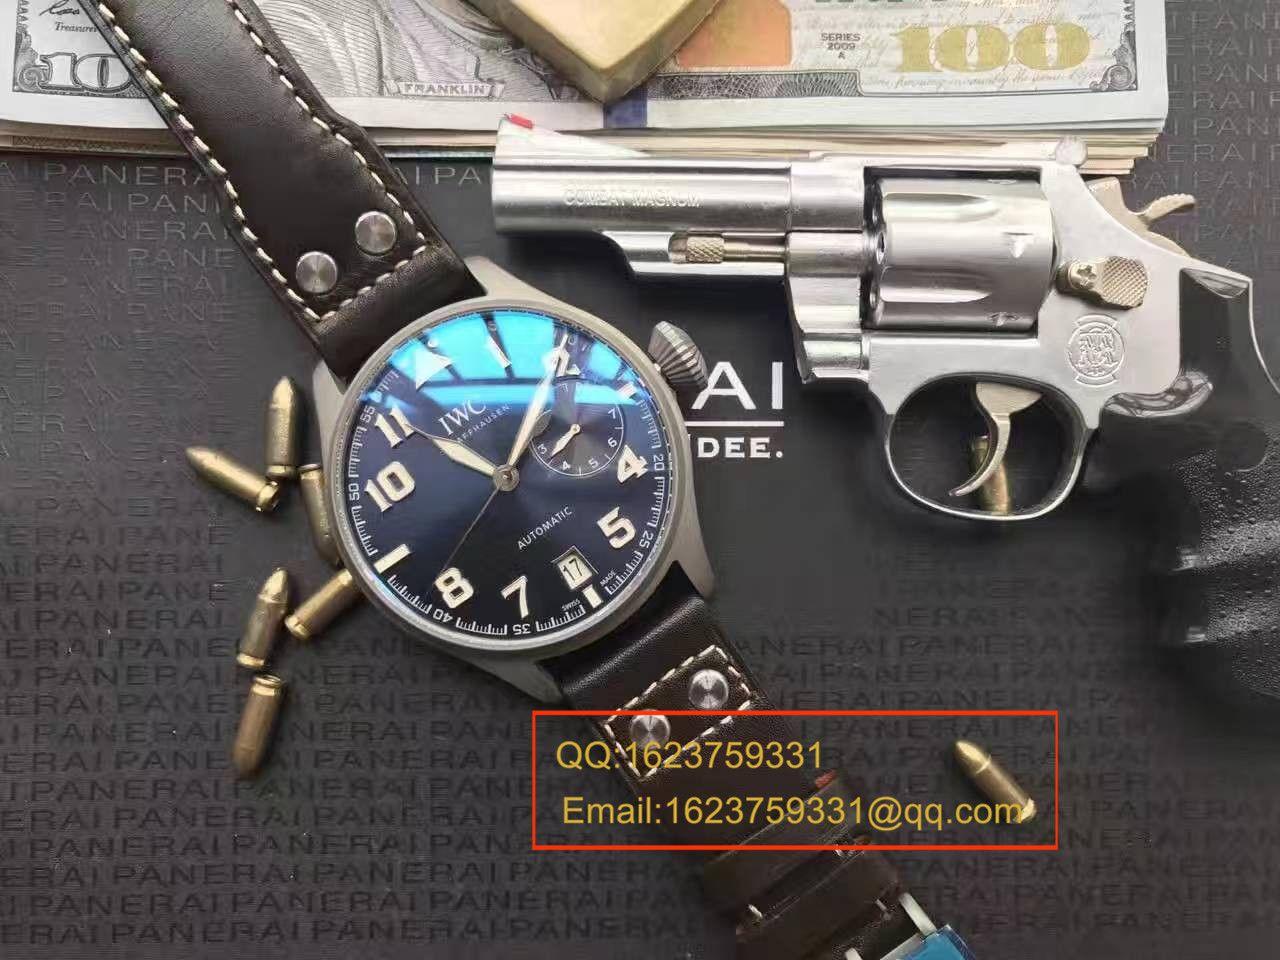 【独家视频测评】YL厂1:1超A精仿手表之万国大型飞行员特别版喷砂精钢壳套蓝面男表